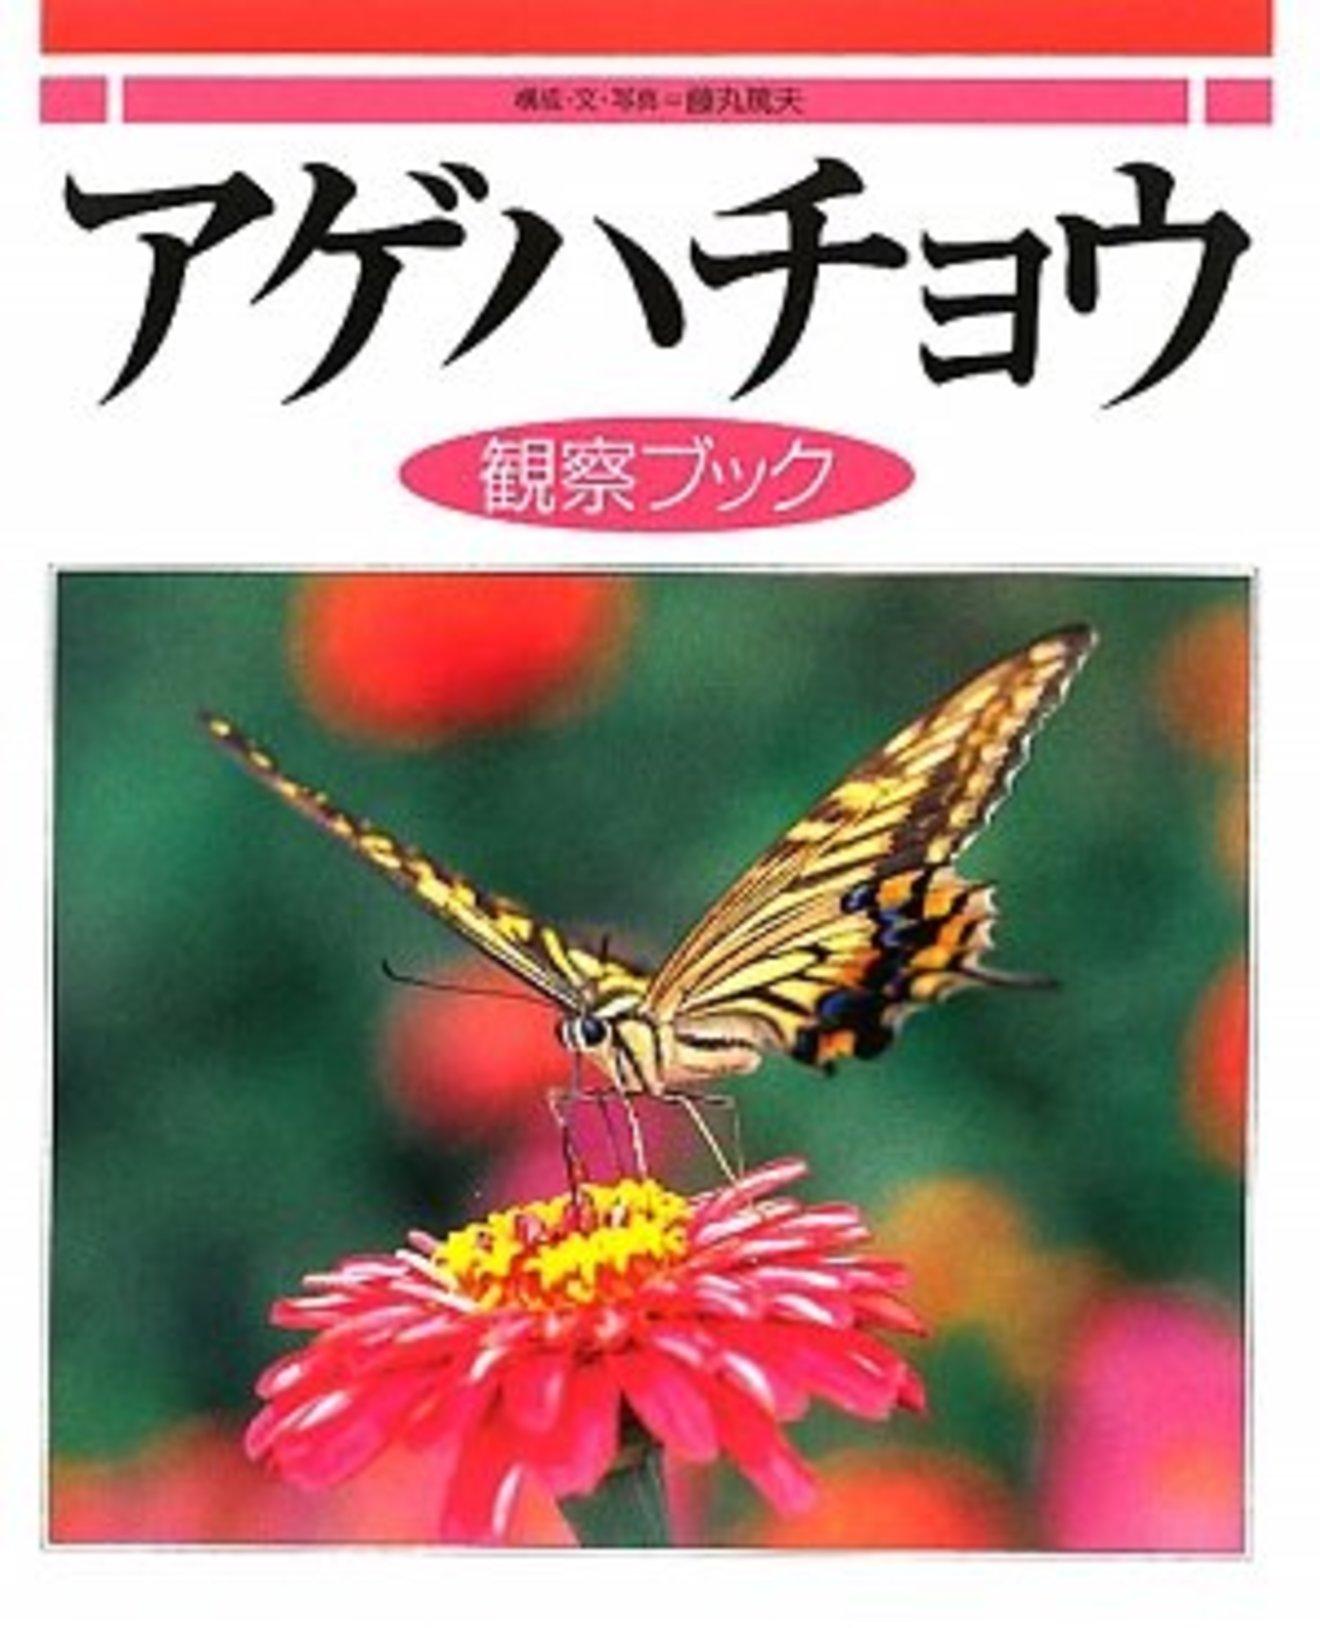 アゲハ蝶の幼虫の育て方をご紹介!餌やりから参考になる本まで